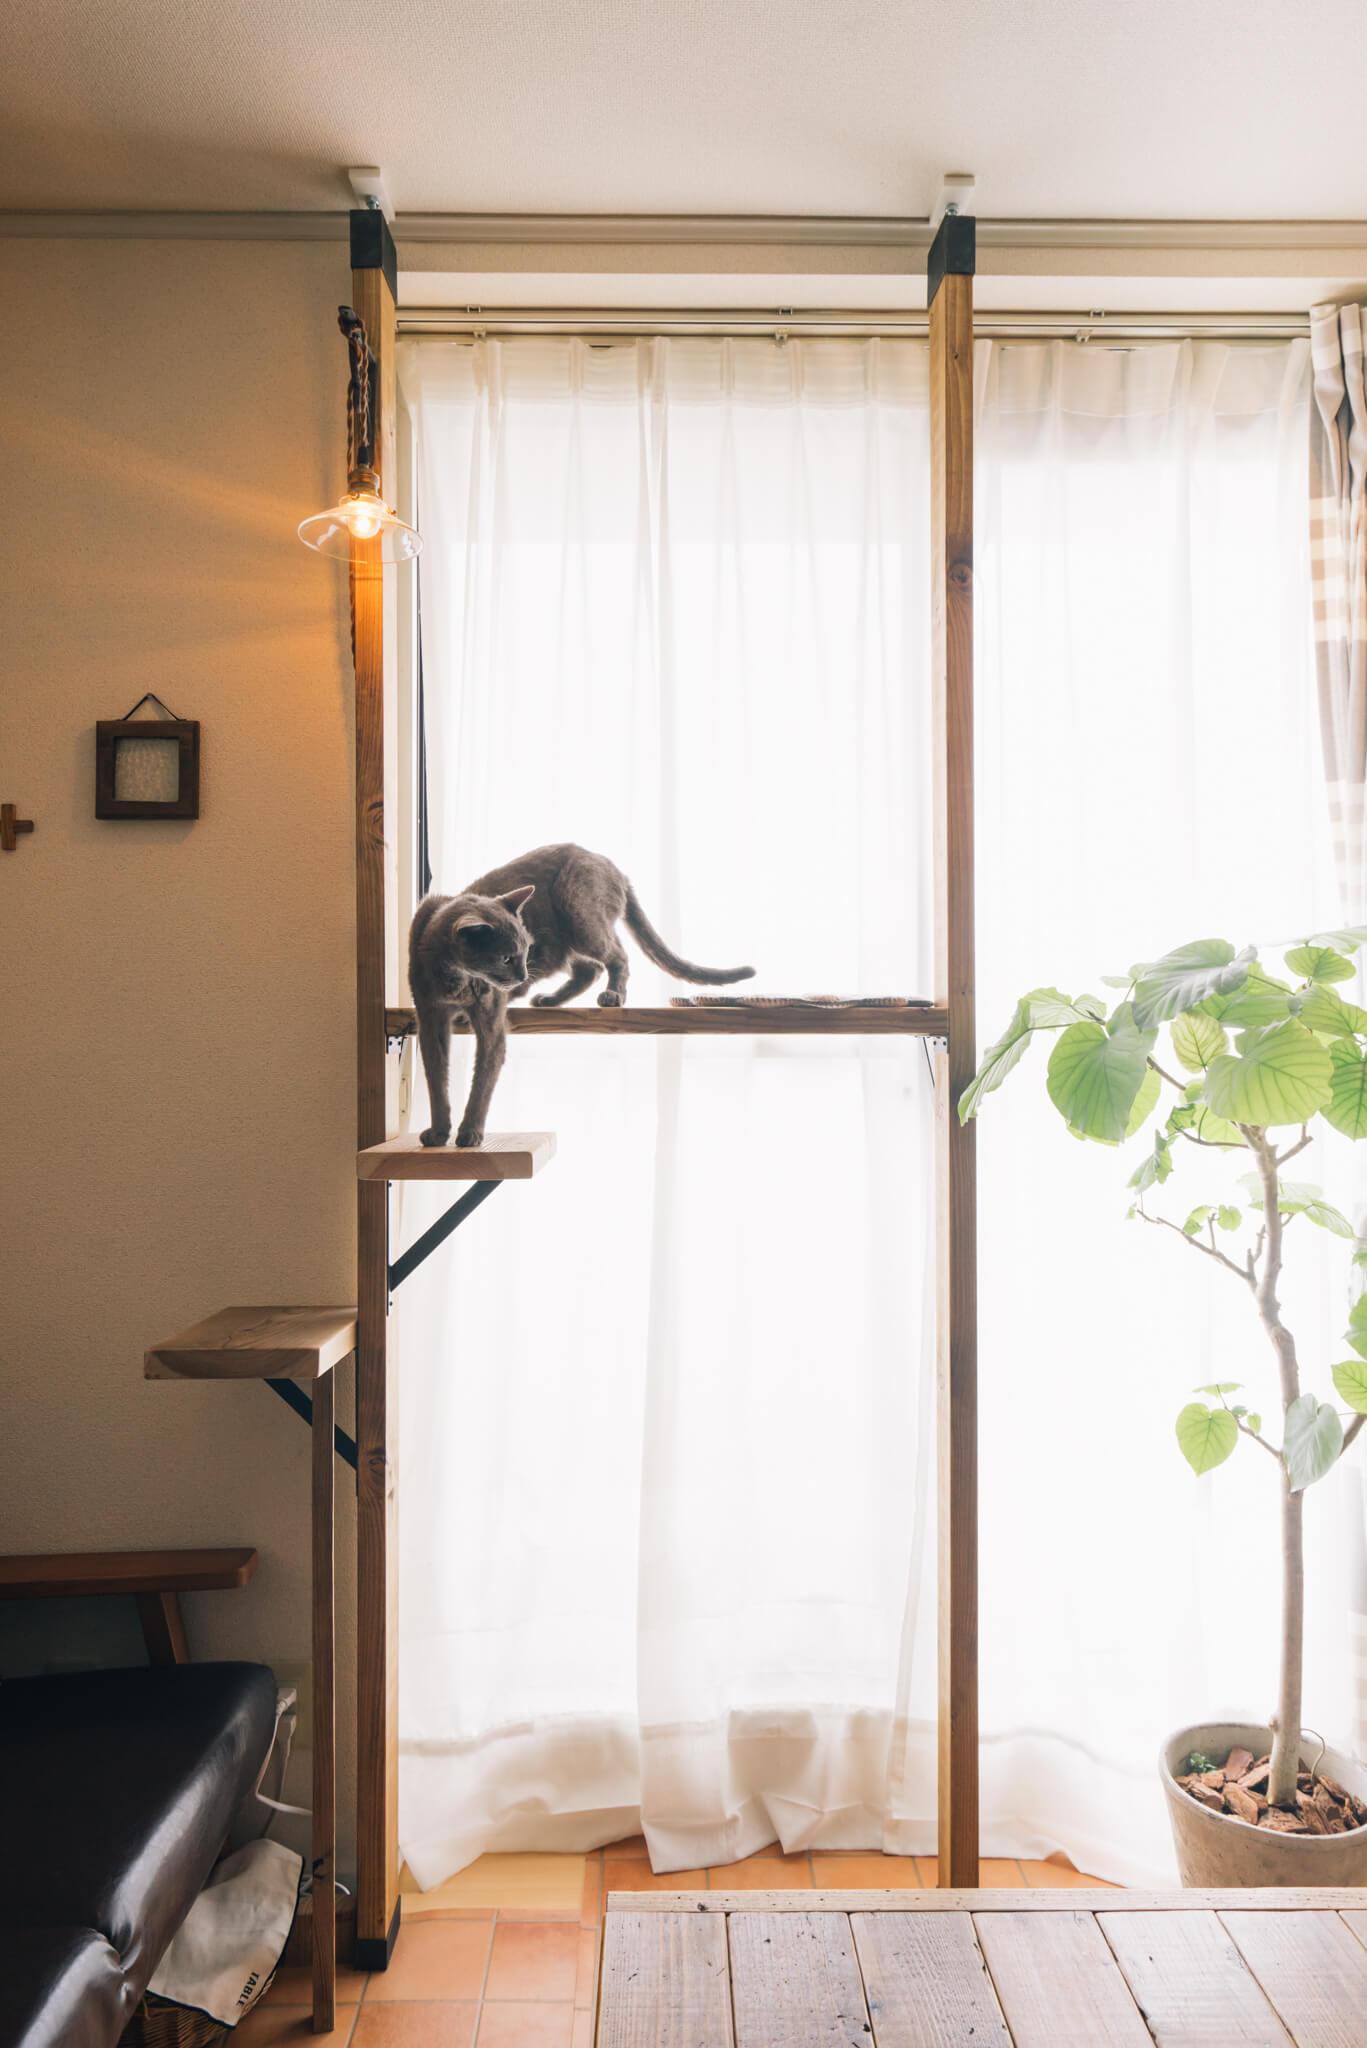 ホームセンターで手に入る2×4材と、突っ張るパーツを使って、窓際に簡単なキャットタワーを。特に猫を飼っていない私も、将来猫を飼うときにはぜひ真似したいと心にメモ。